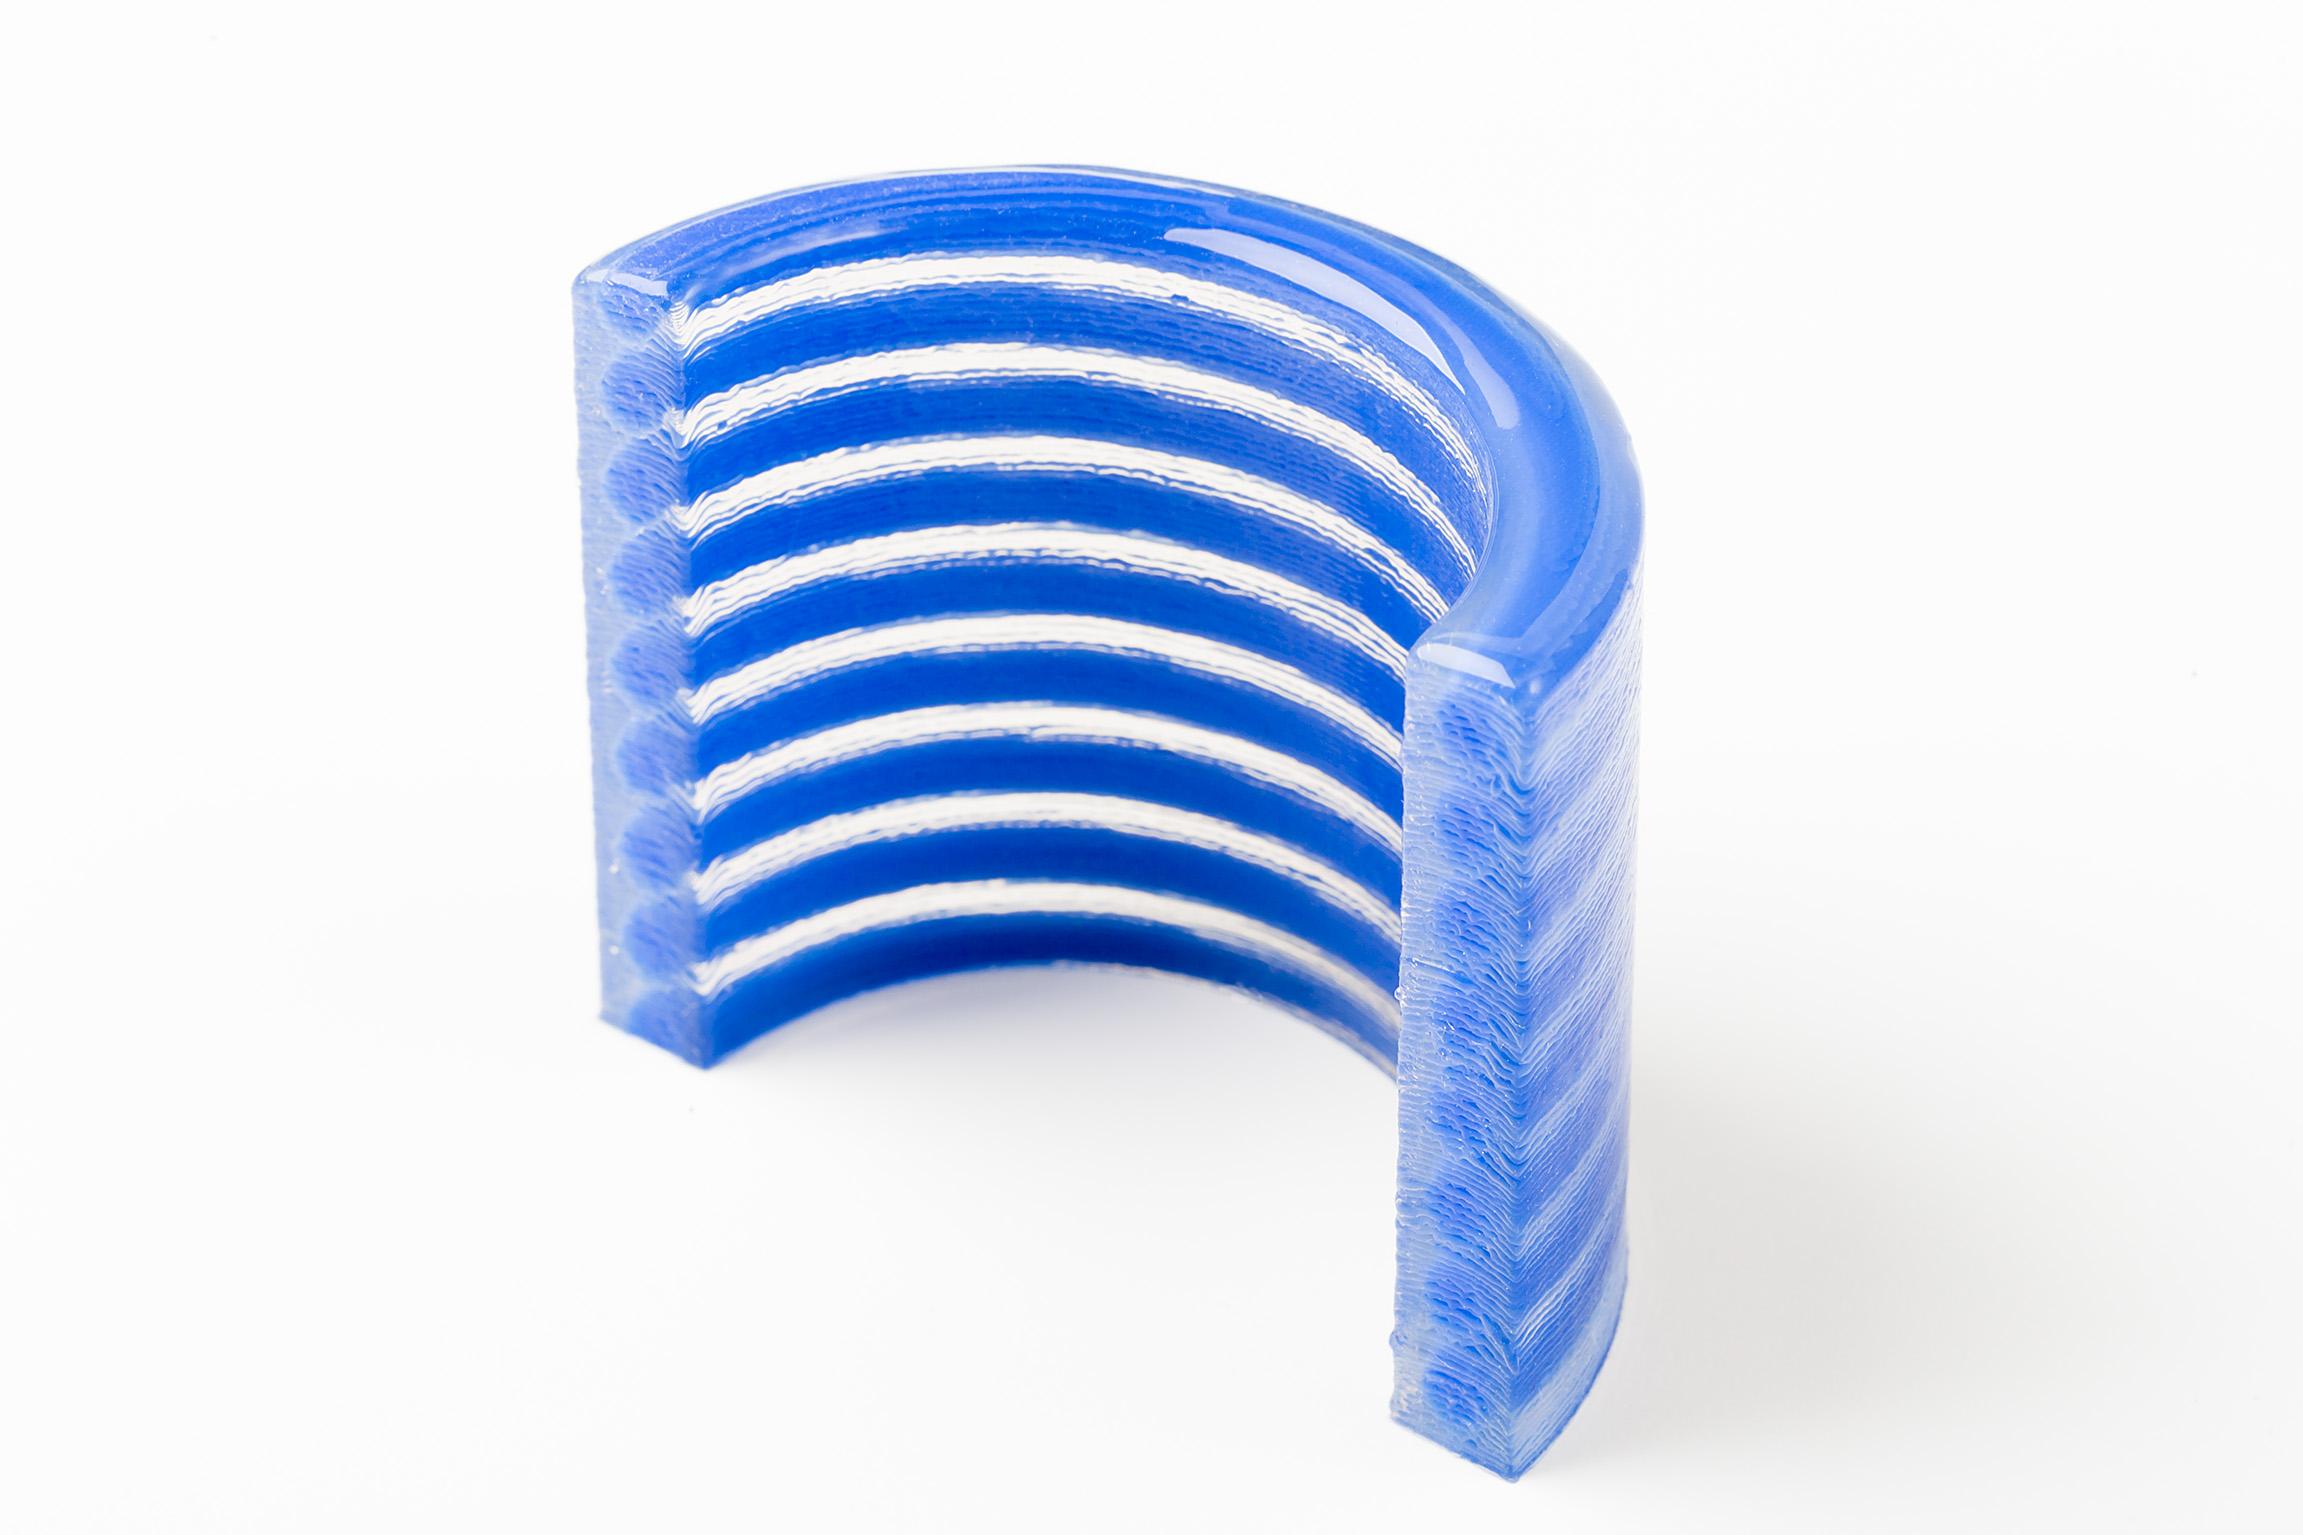 ACEO Muster 2 Komponenten 3d druck silicon  - Multi-Material 3D-Druck mit Siliconen - ACEO stellt neue Technologie vor